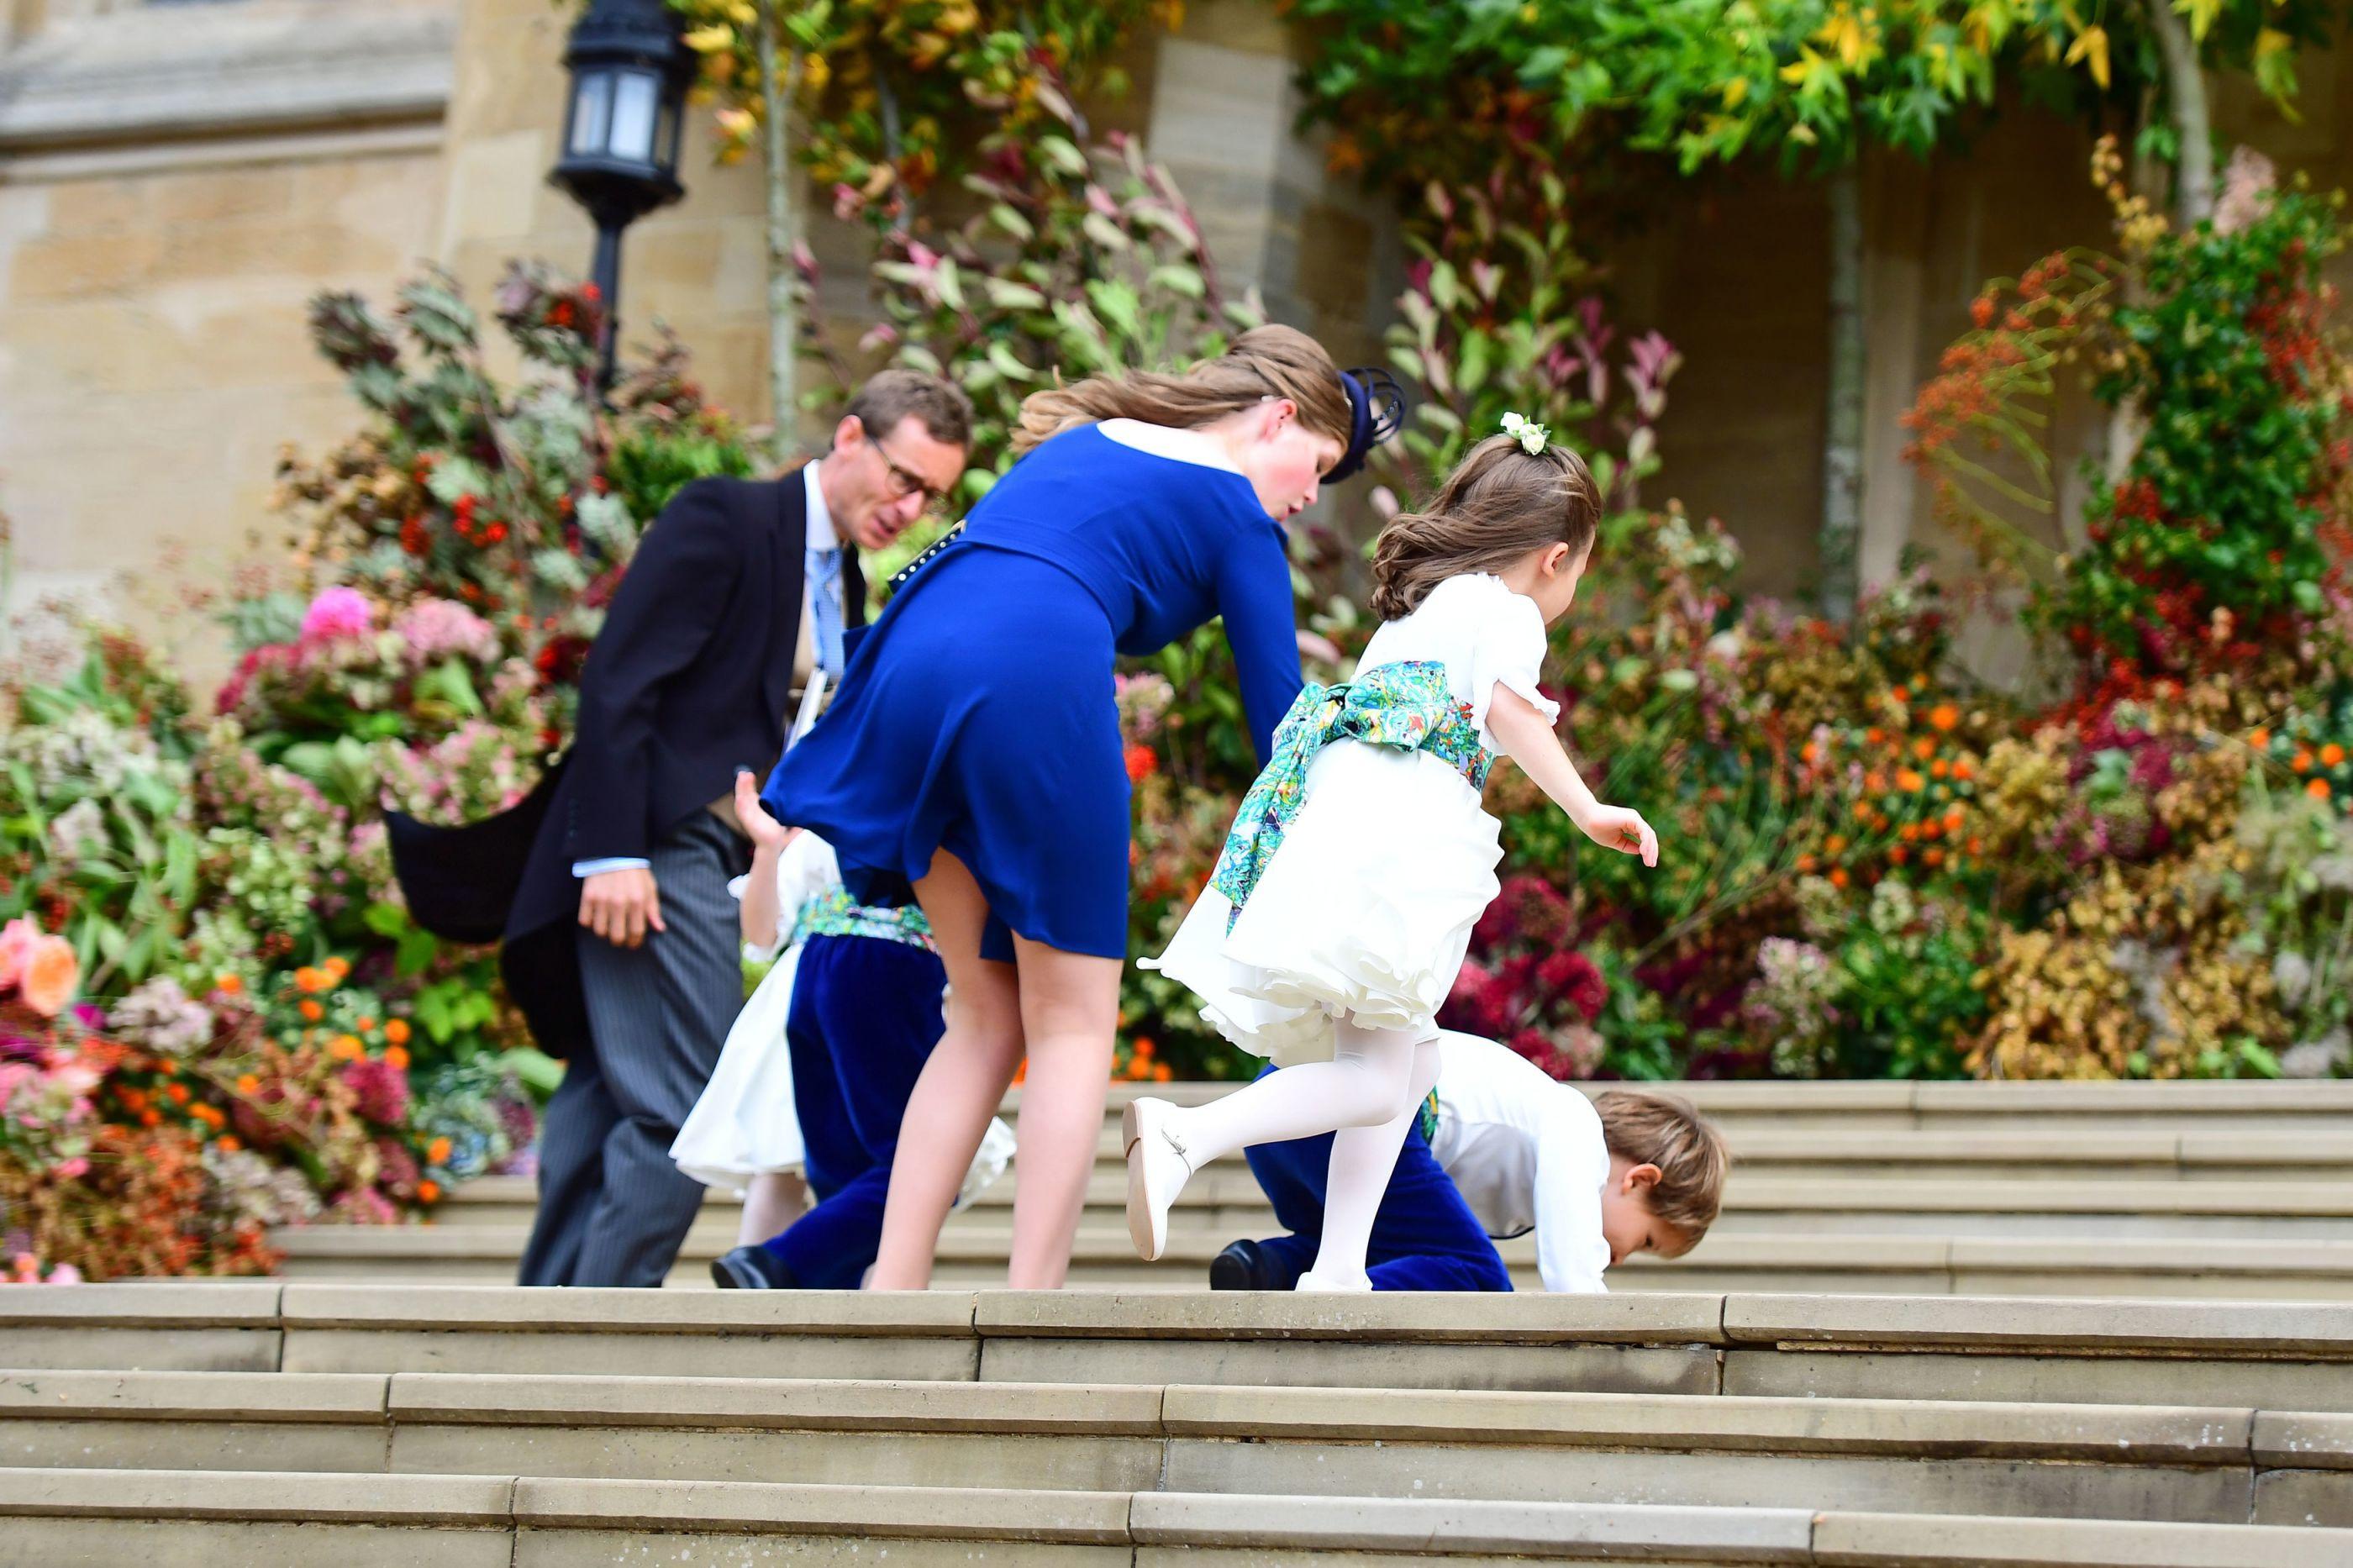 'Calamidade na escadaria': As quedas das crianças no casamento real